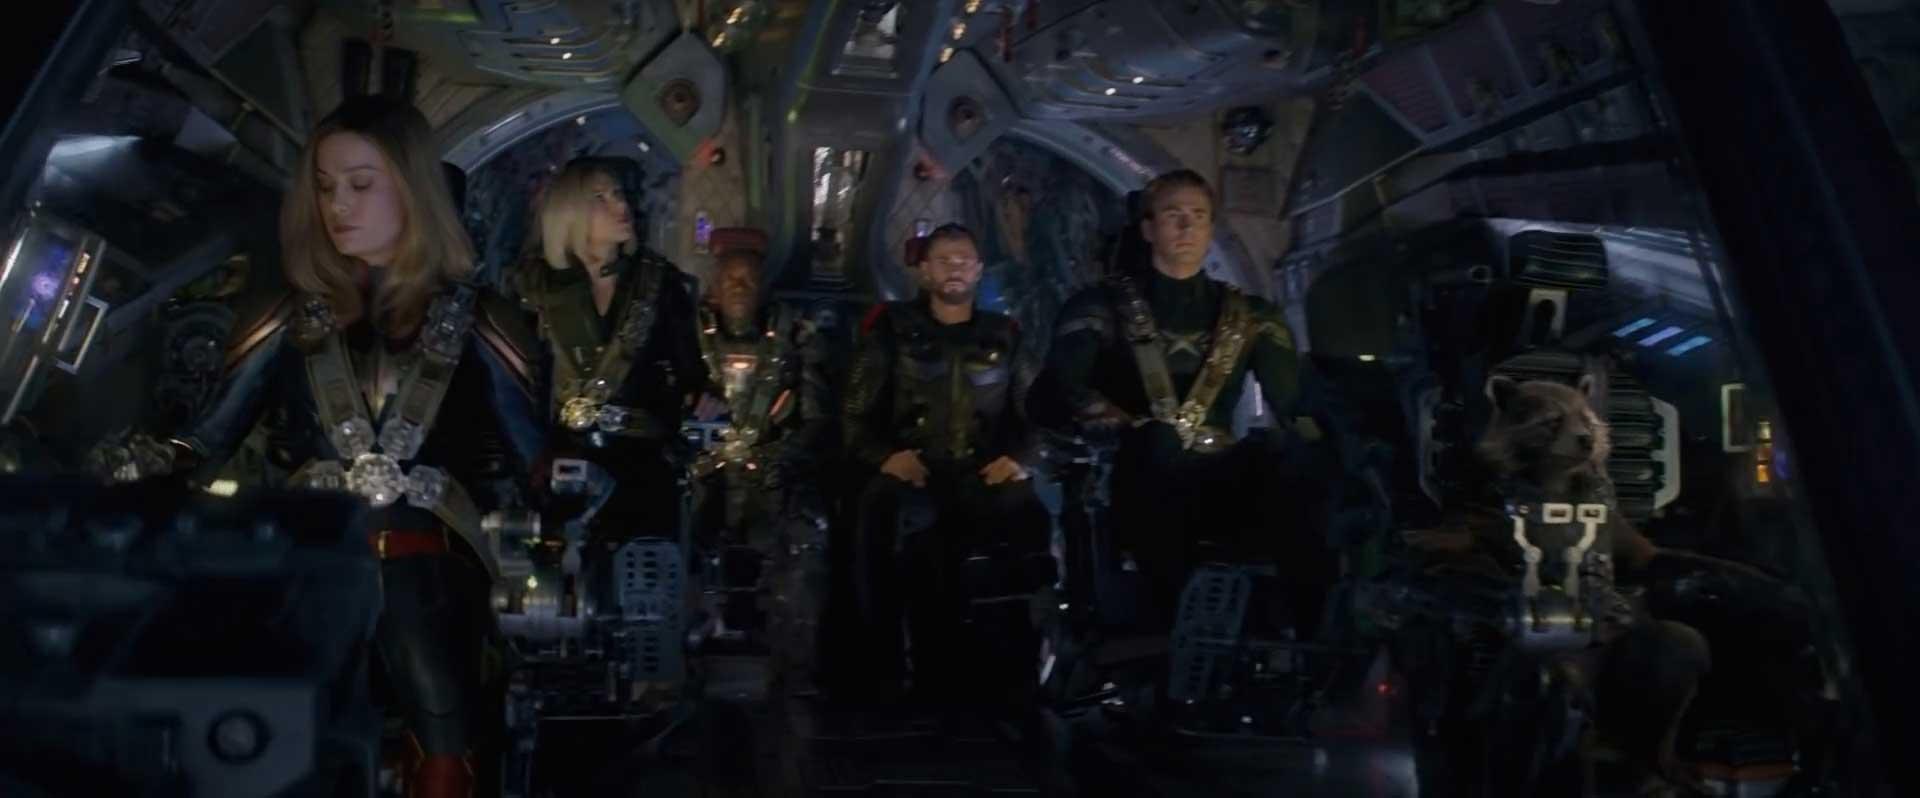 Avengers Endgame Special Look Trailer Breakdown - Captain Marvel Space Travel